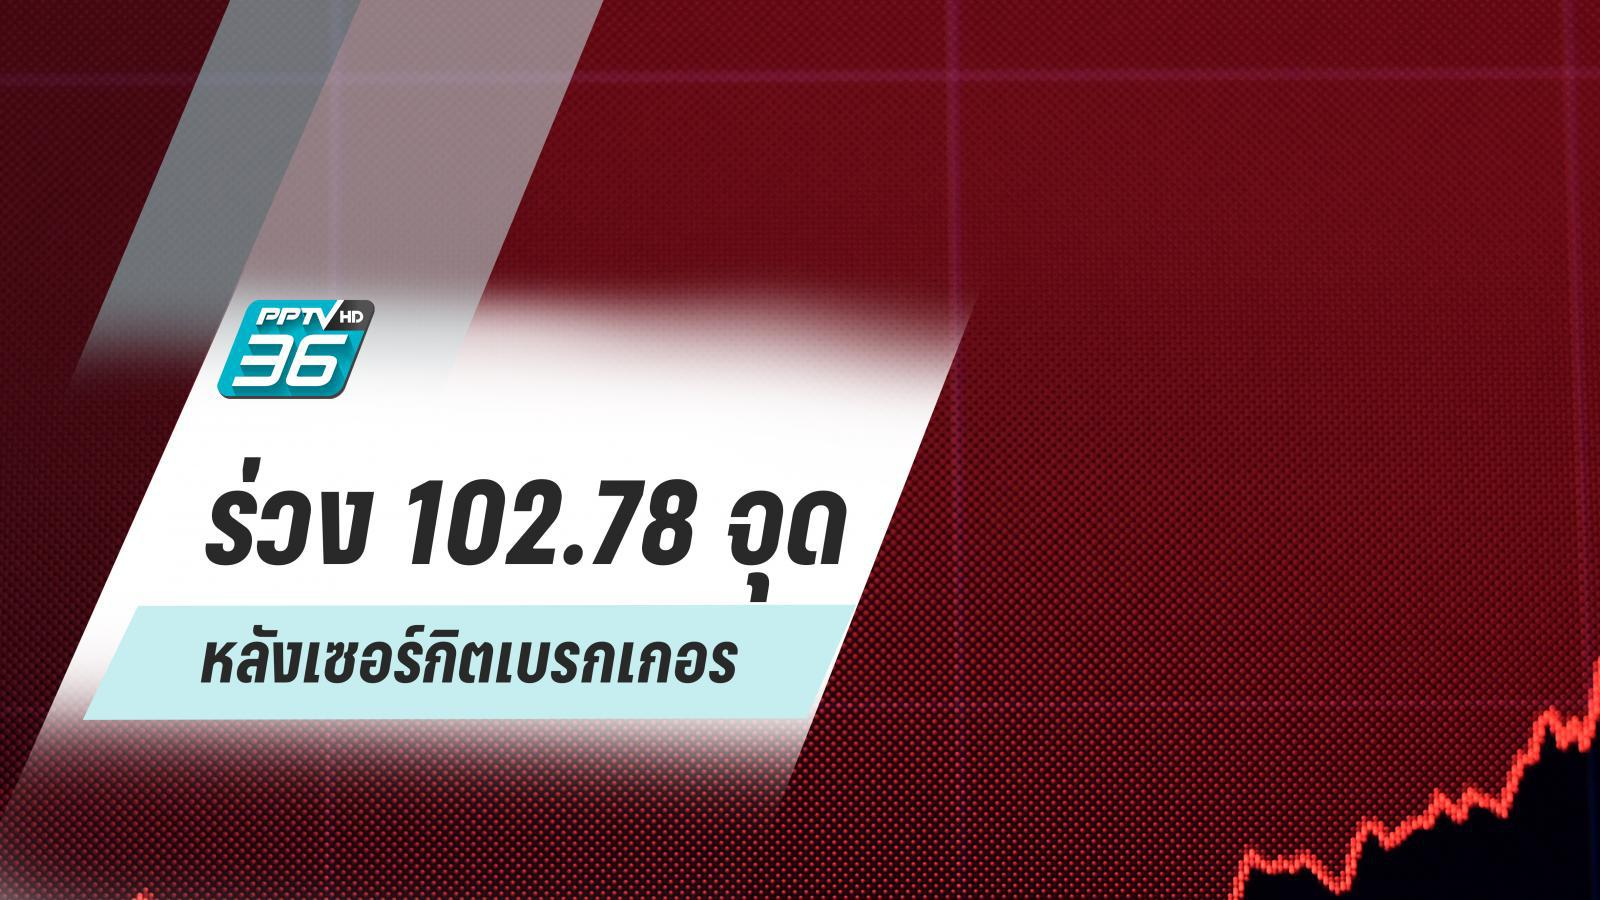 โควิด-19 ฉุดหุ้นไทยดิ่งกว่า 100 จุด หลังเซอร์กิตเบรกเกอร์ 30 นาที